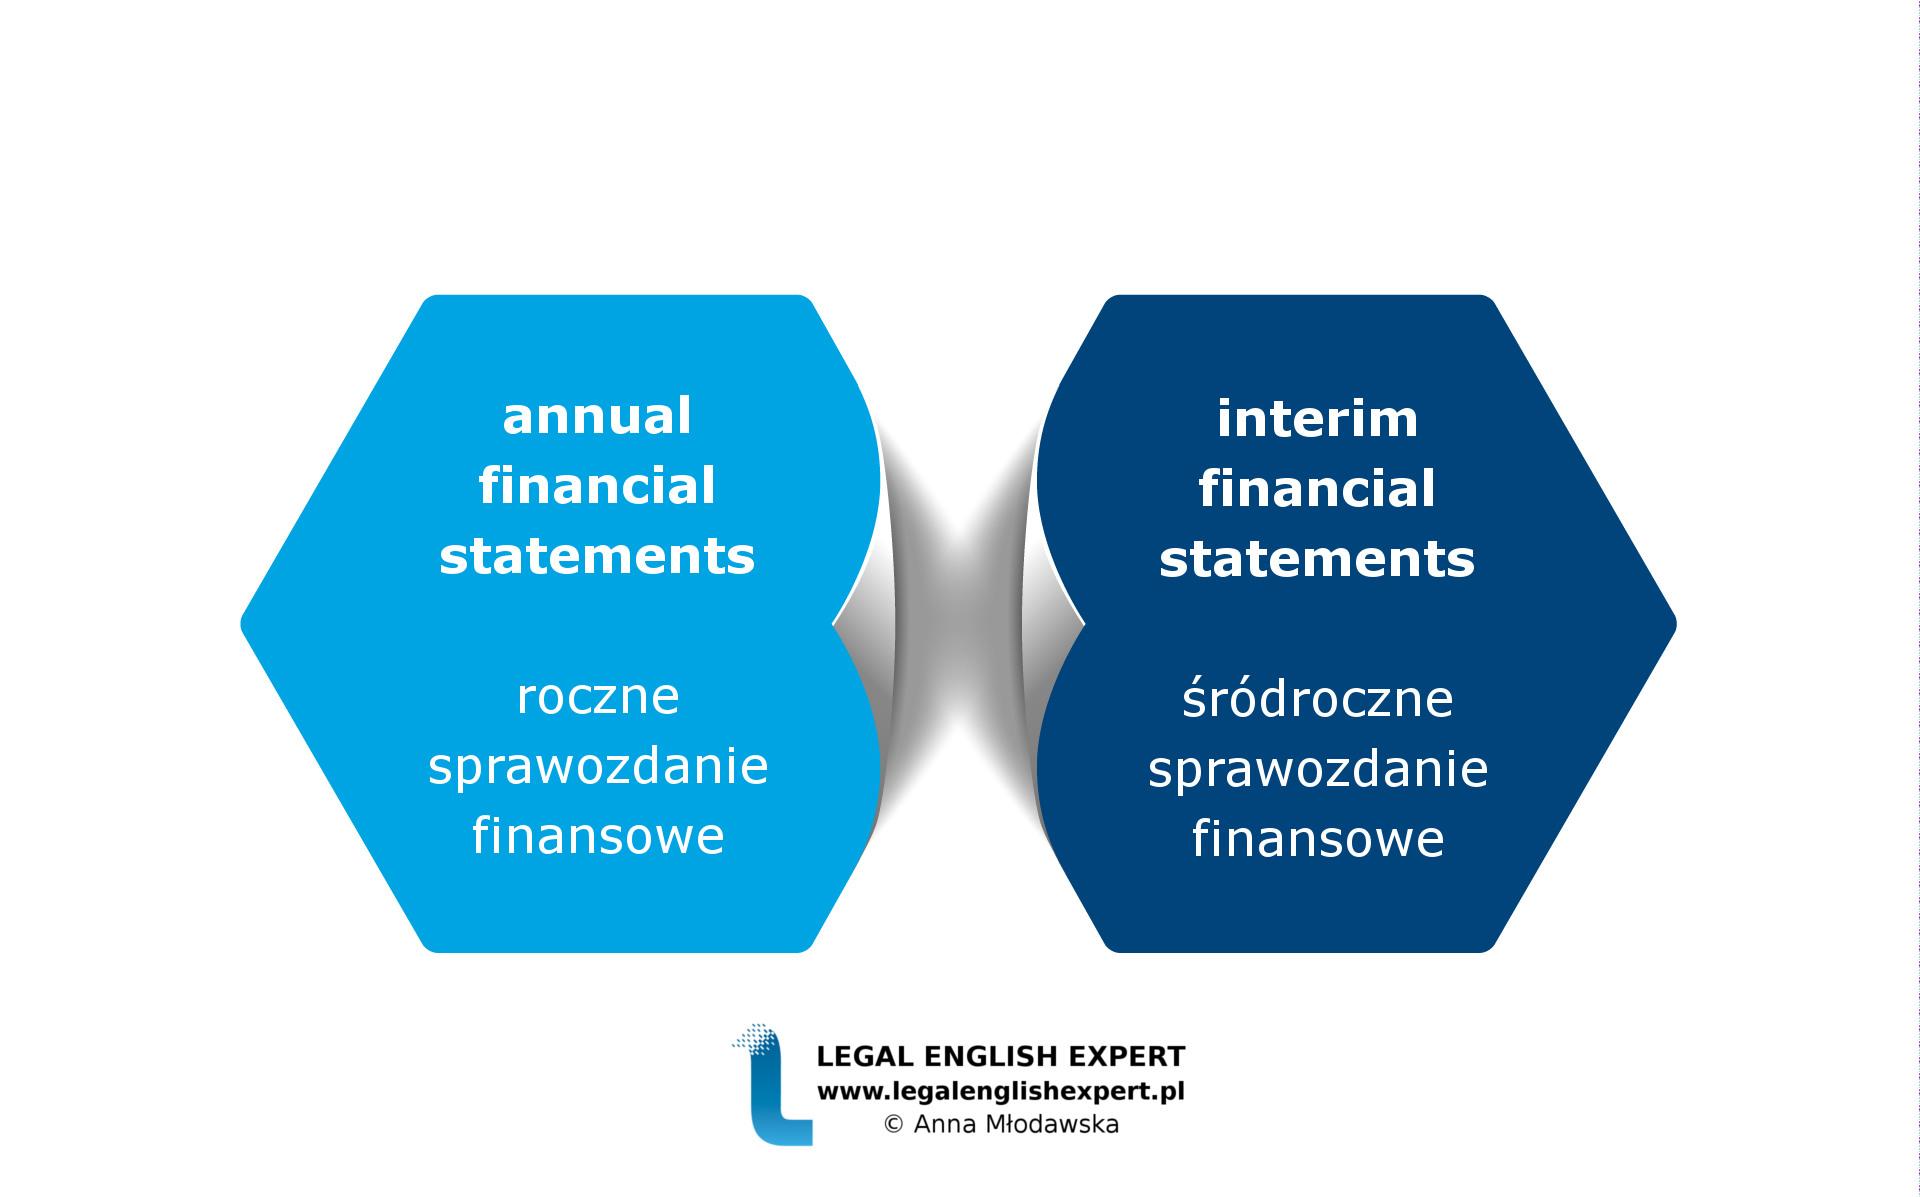 LEGAL ENGLISH EXPERT - infografika_70 - SPRAWOZDANIE FINANSOWE 2